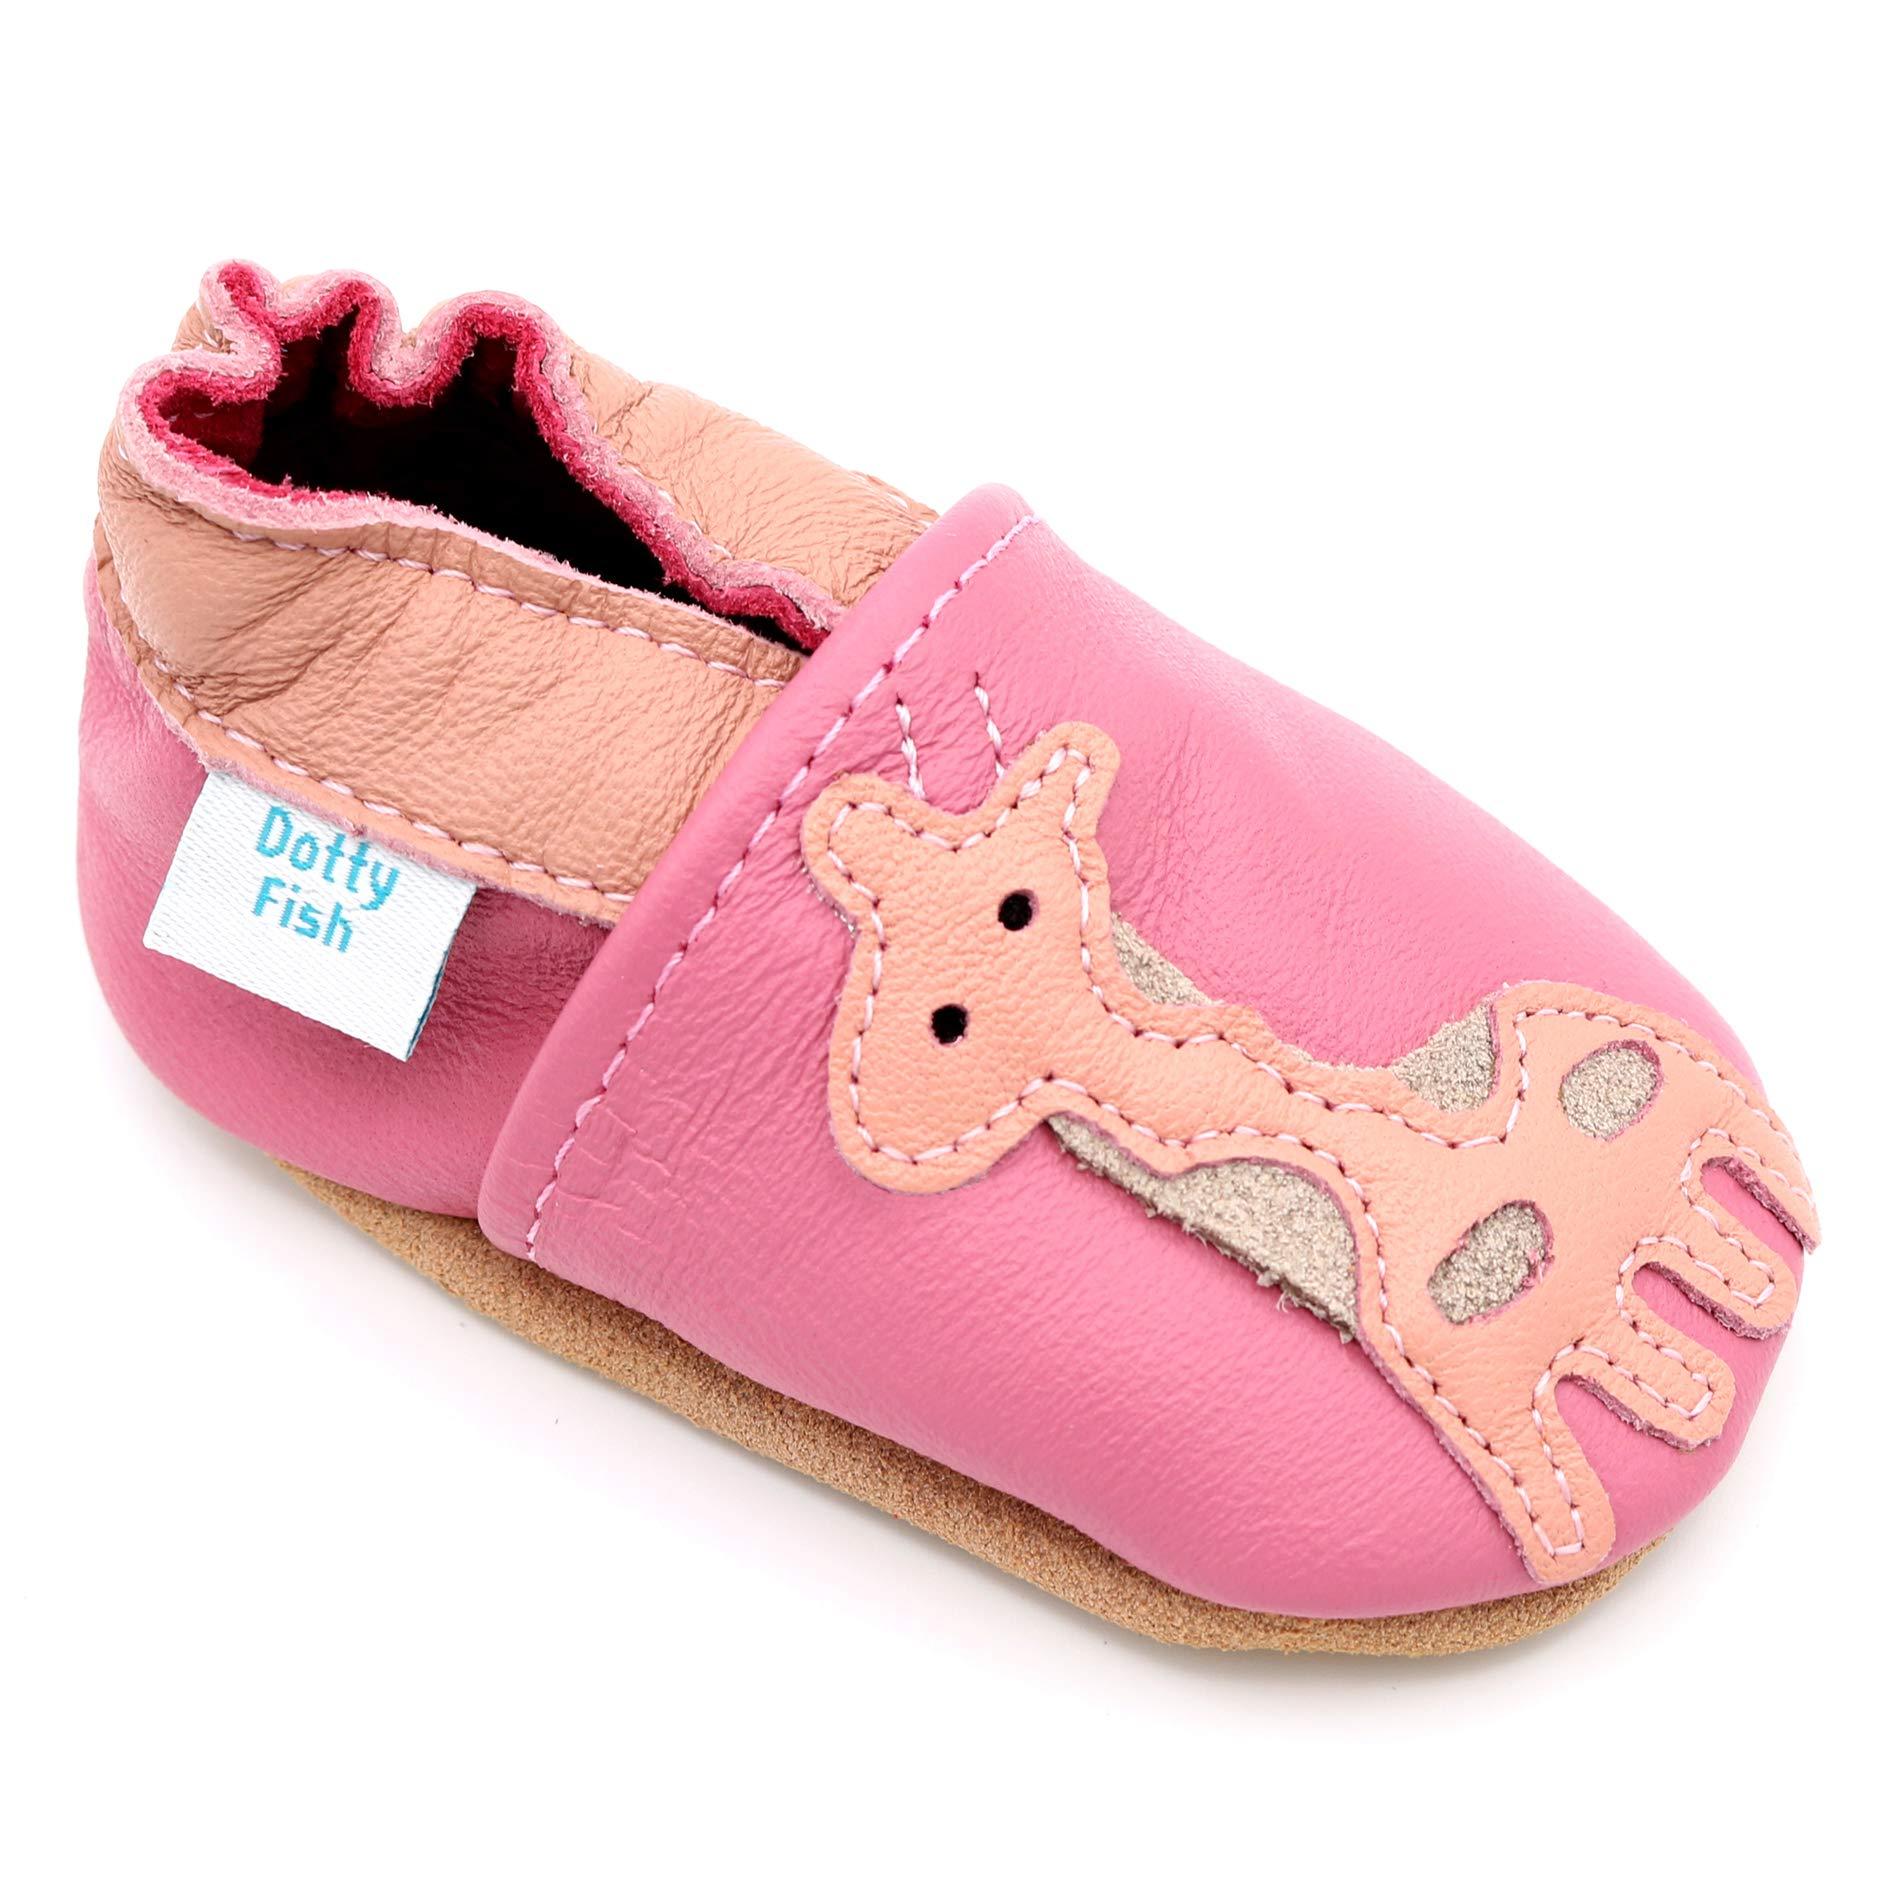 Kindermode, Schuhe & Access. Elefanten Sandalen Lila Gr 26 Hohe Belastbarkeit